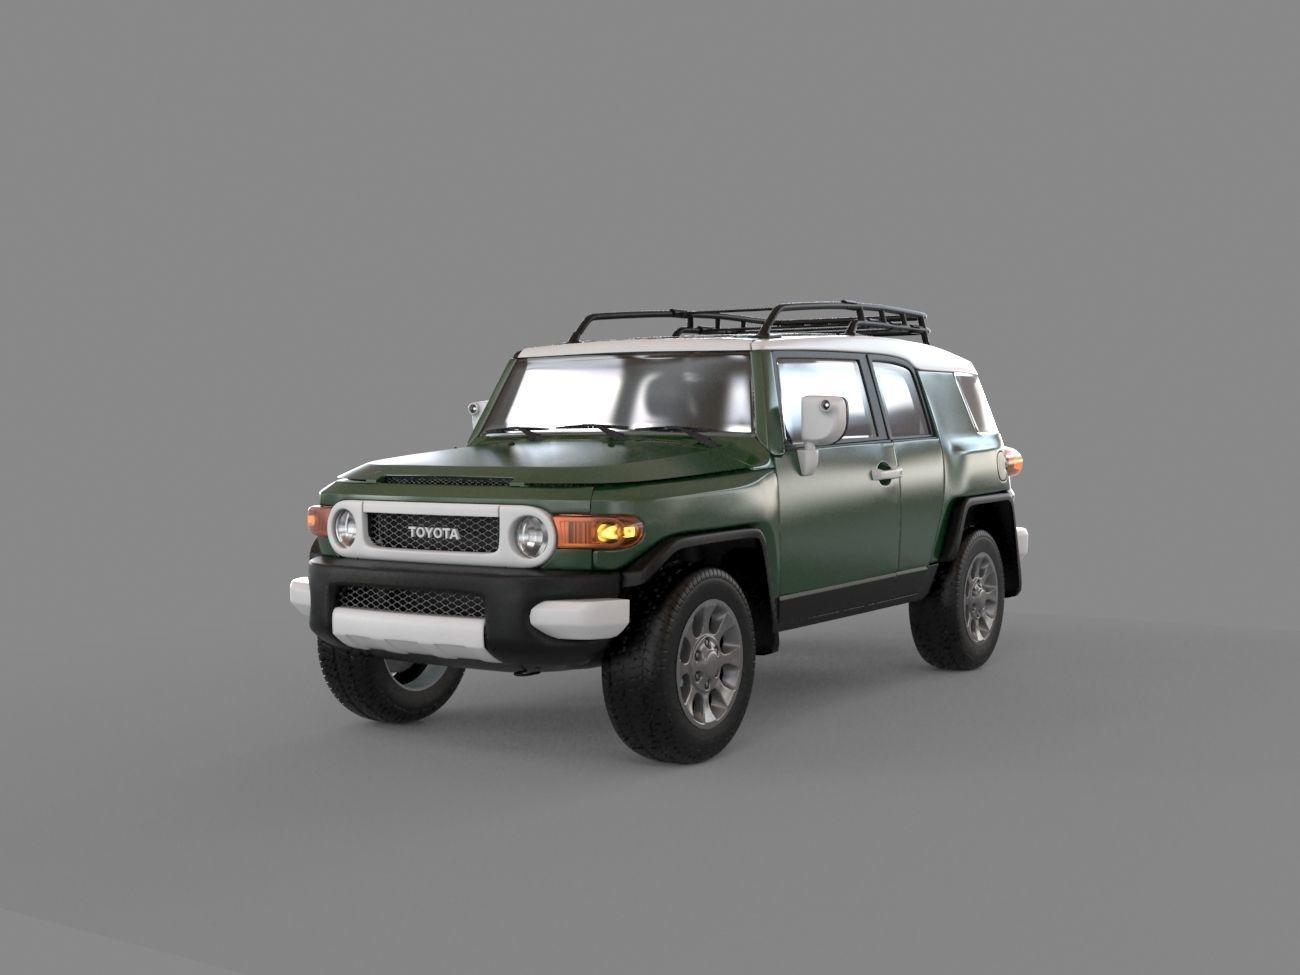 Toyota FJ 2010 3D Model .max - CGTrader.com